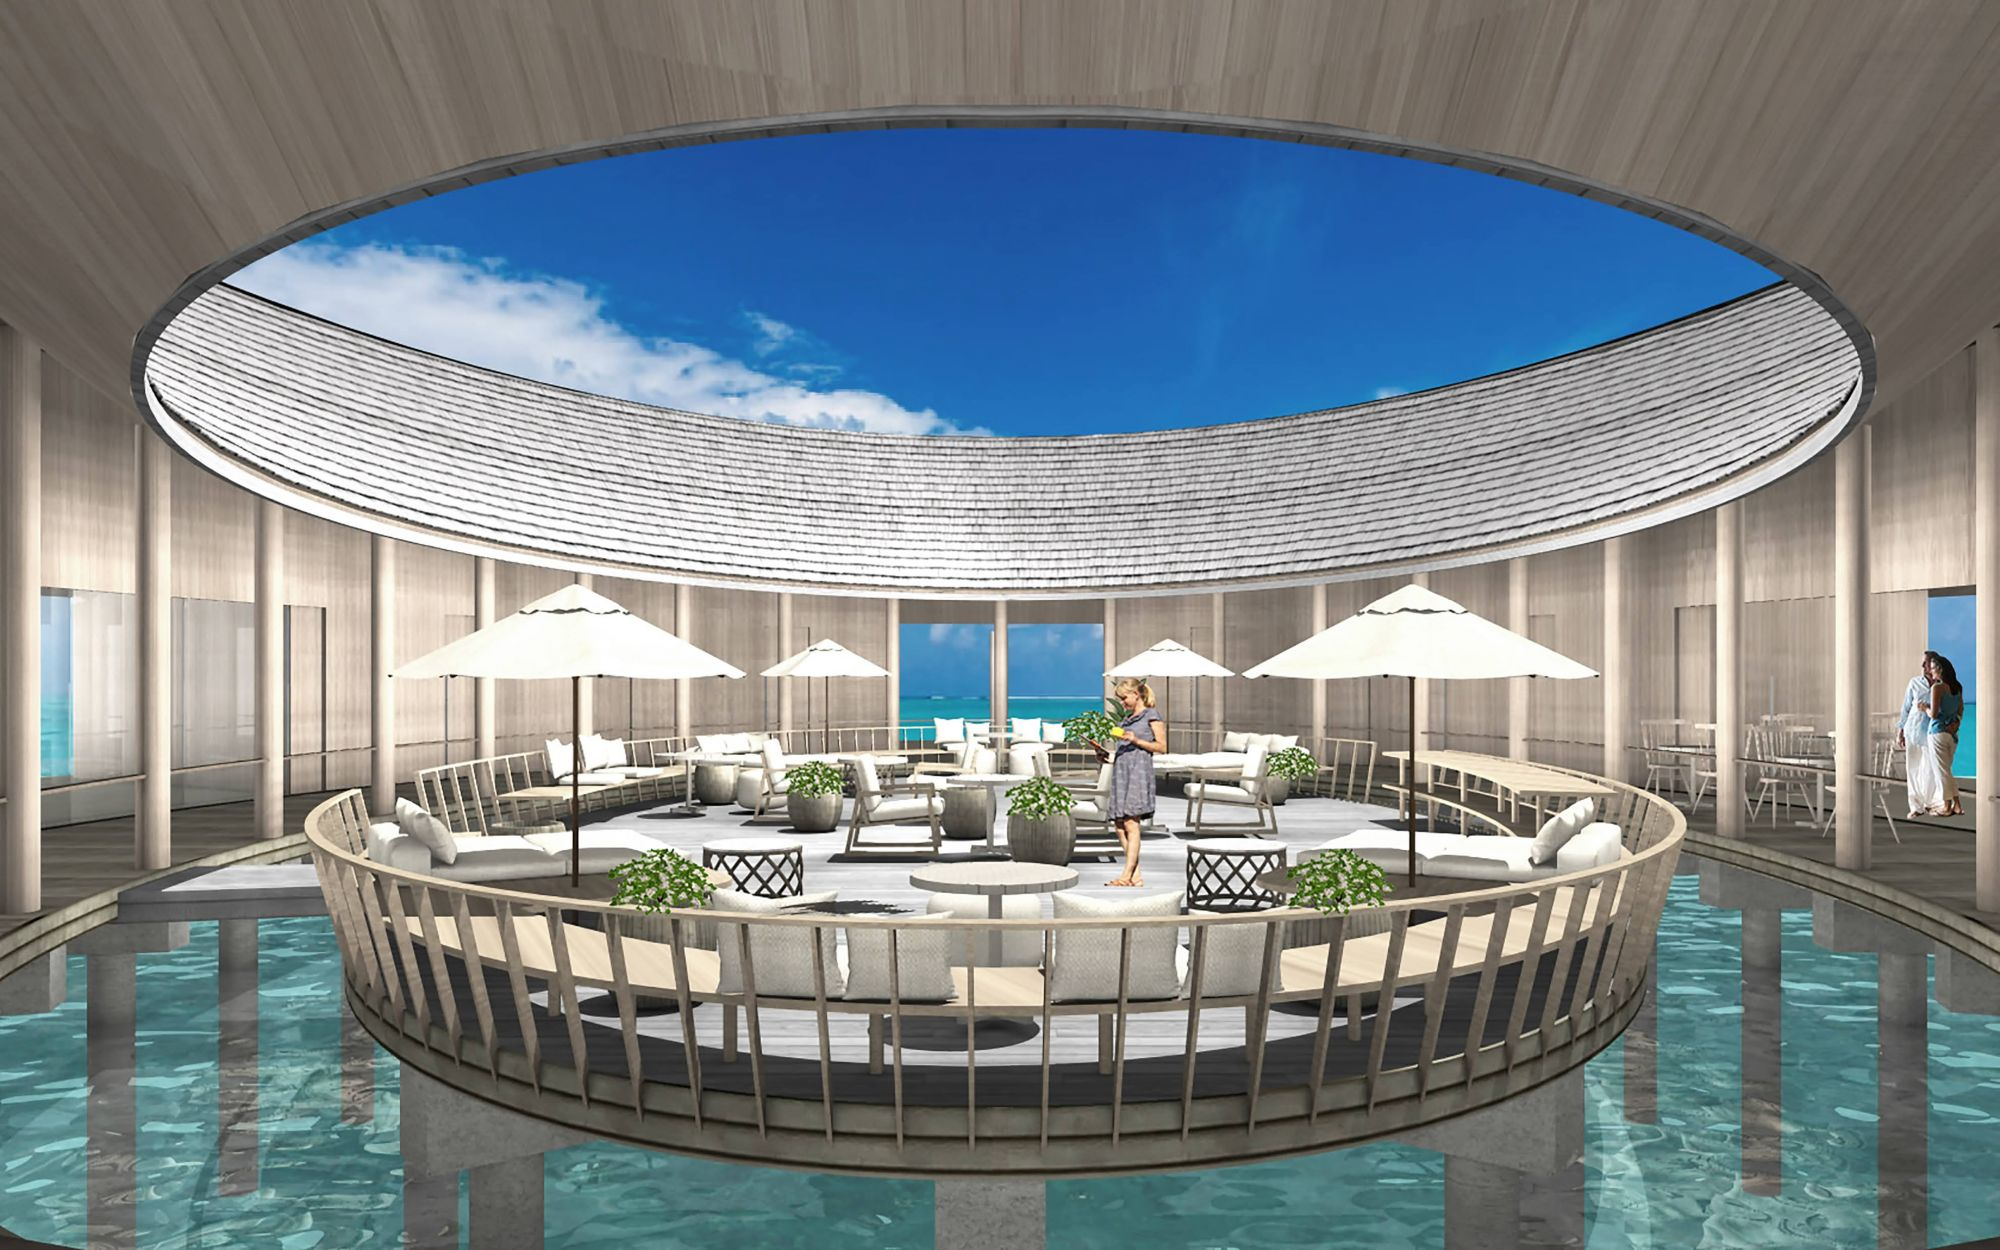 馬爾地夫 Kagi Maldives Spa Island 奢華度假村全新開幕,「360°水療中心」零死角欣賞絕美海景